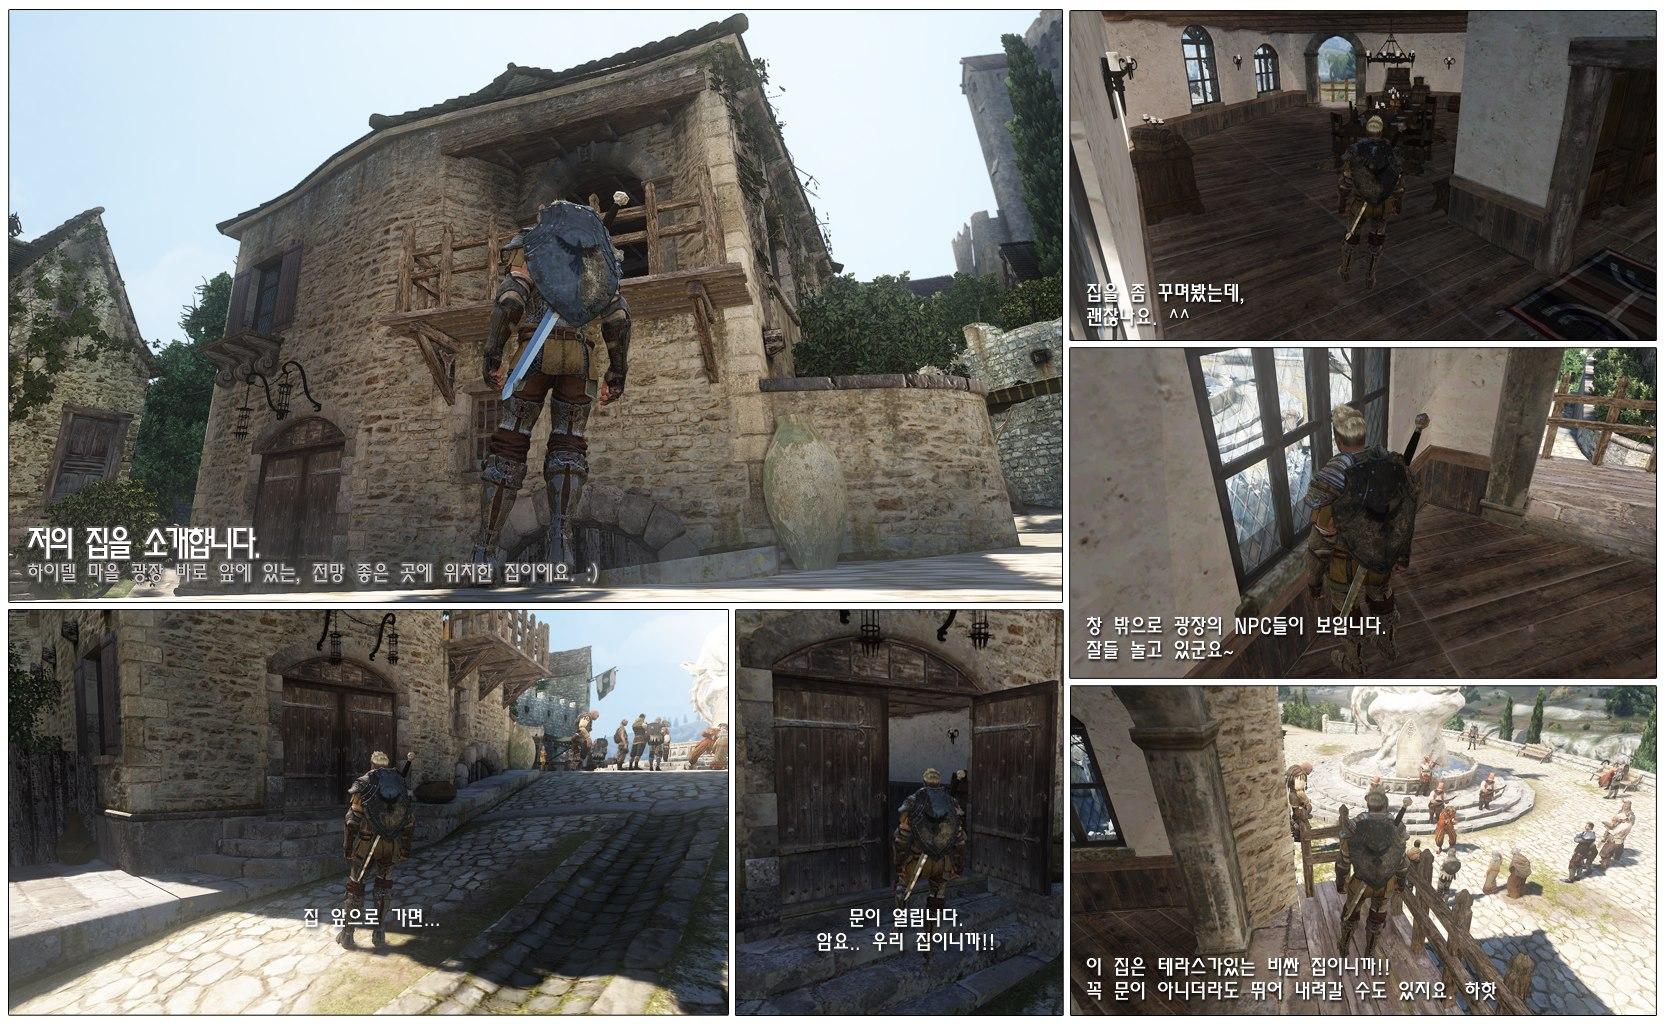 https://mmozg.net/uploads/images/00/00/01/2013/04/18/b75bea_origin.jpg